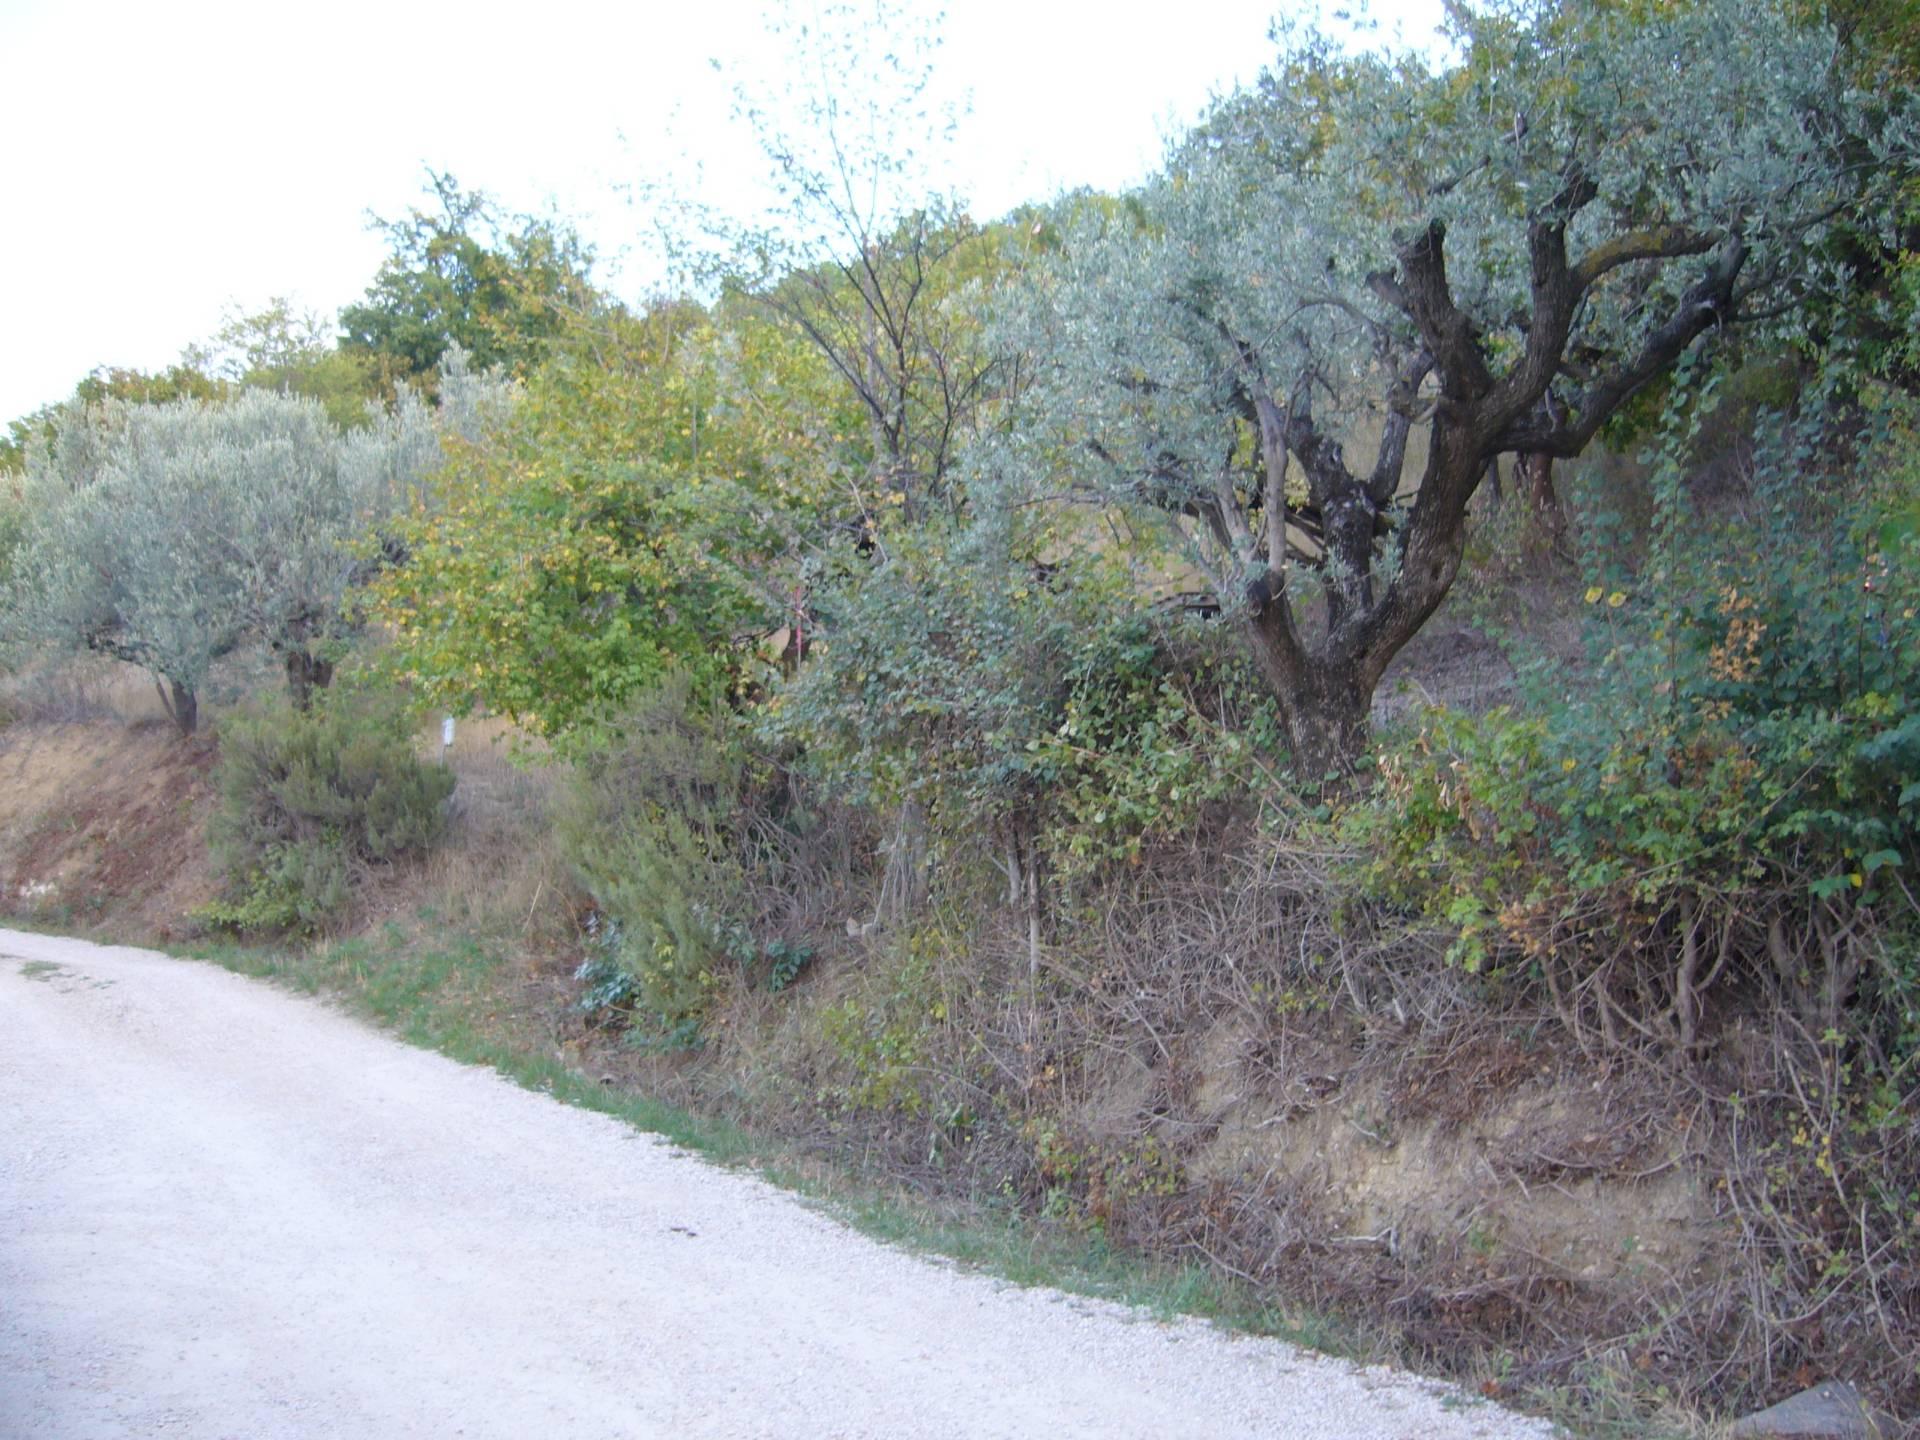 Terreno Agricolo in vendita a Colonnella, 9999 locali, prezzo € 17.000 | Cambio Casa.it